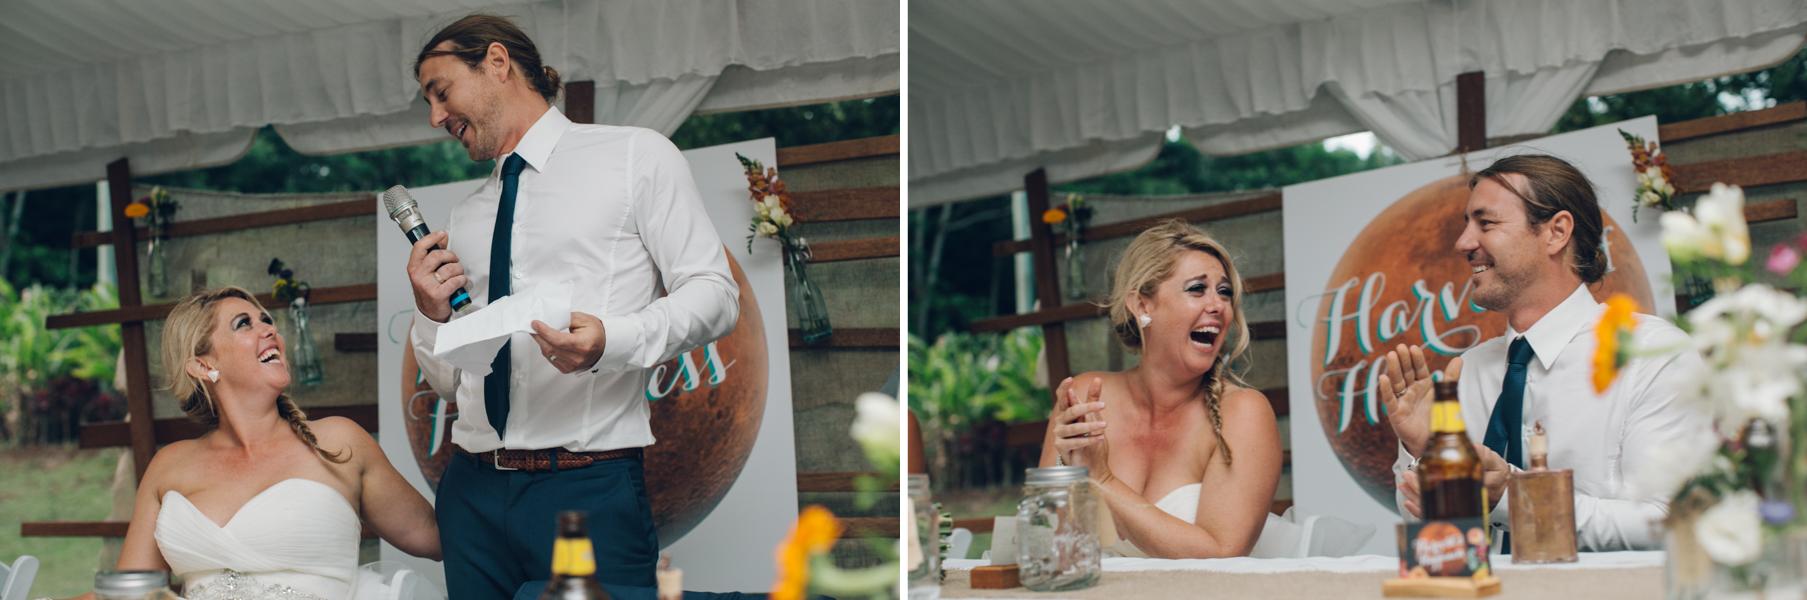 Erin & Craig Byron Bay Wedding Photography 35.jpg